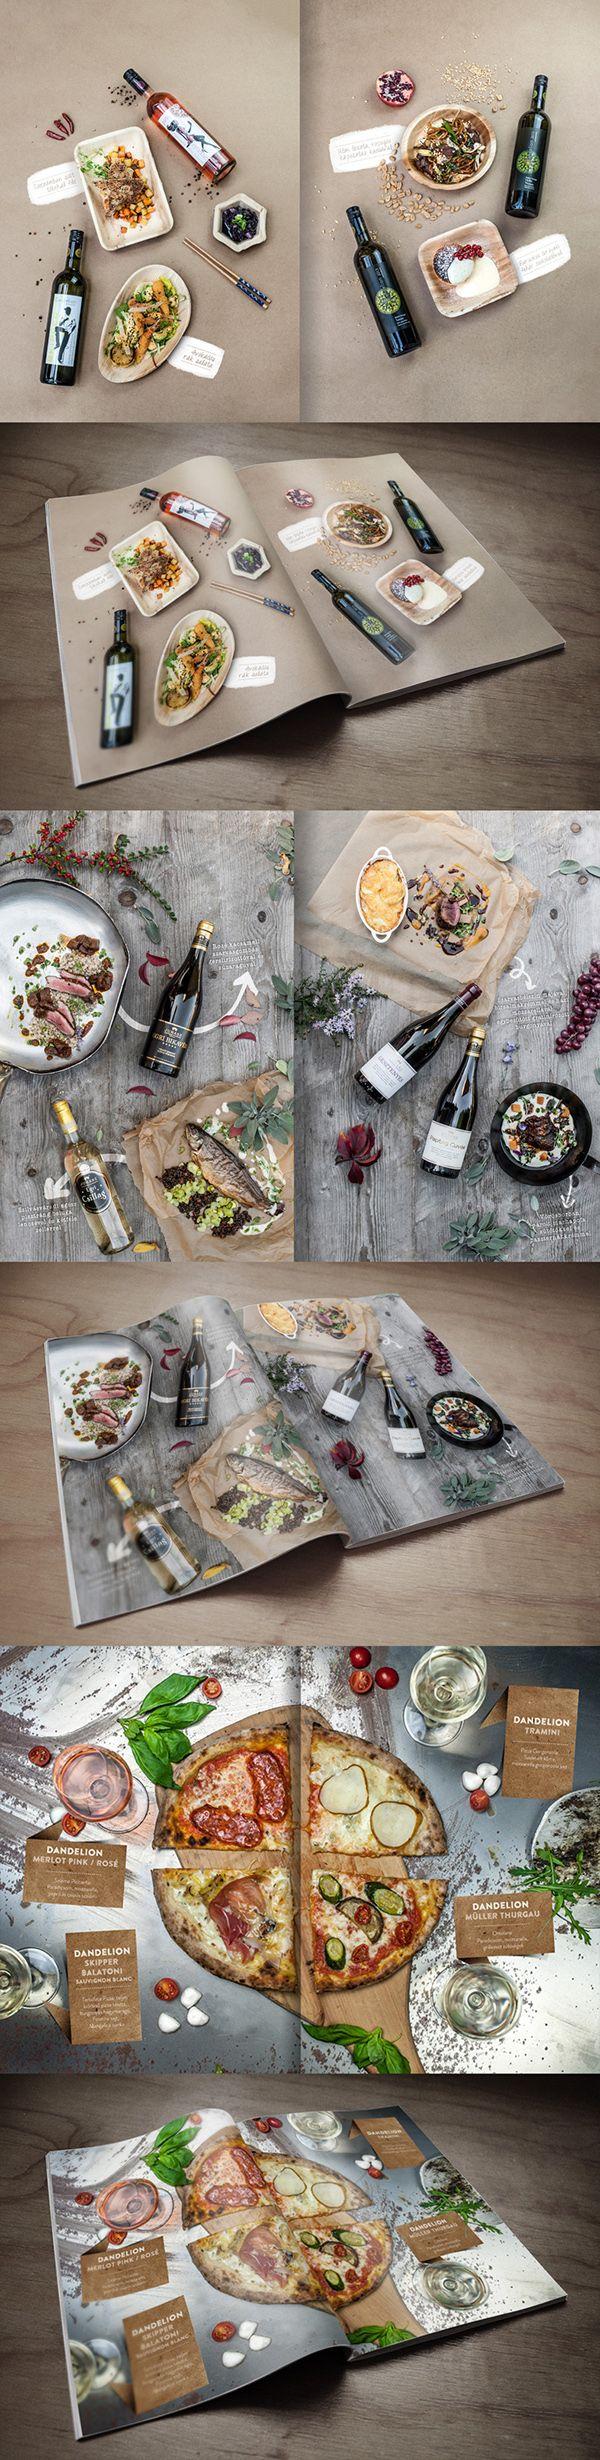 wijnspijs combinatie - Vince wine magazine.